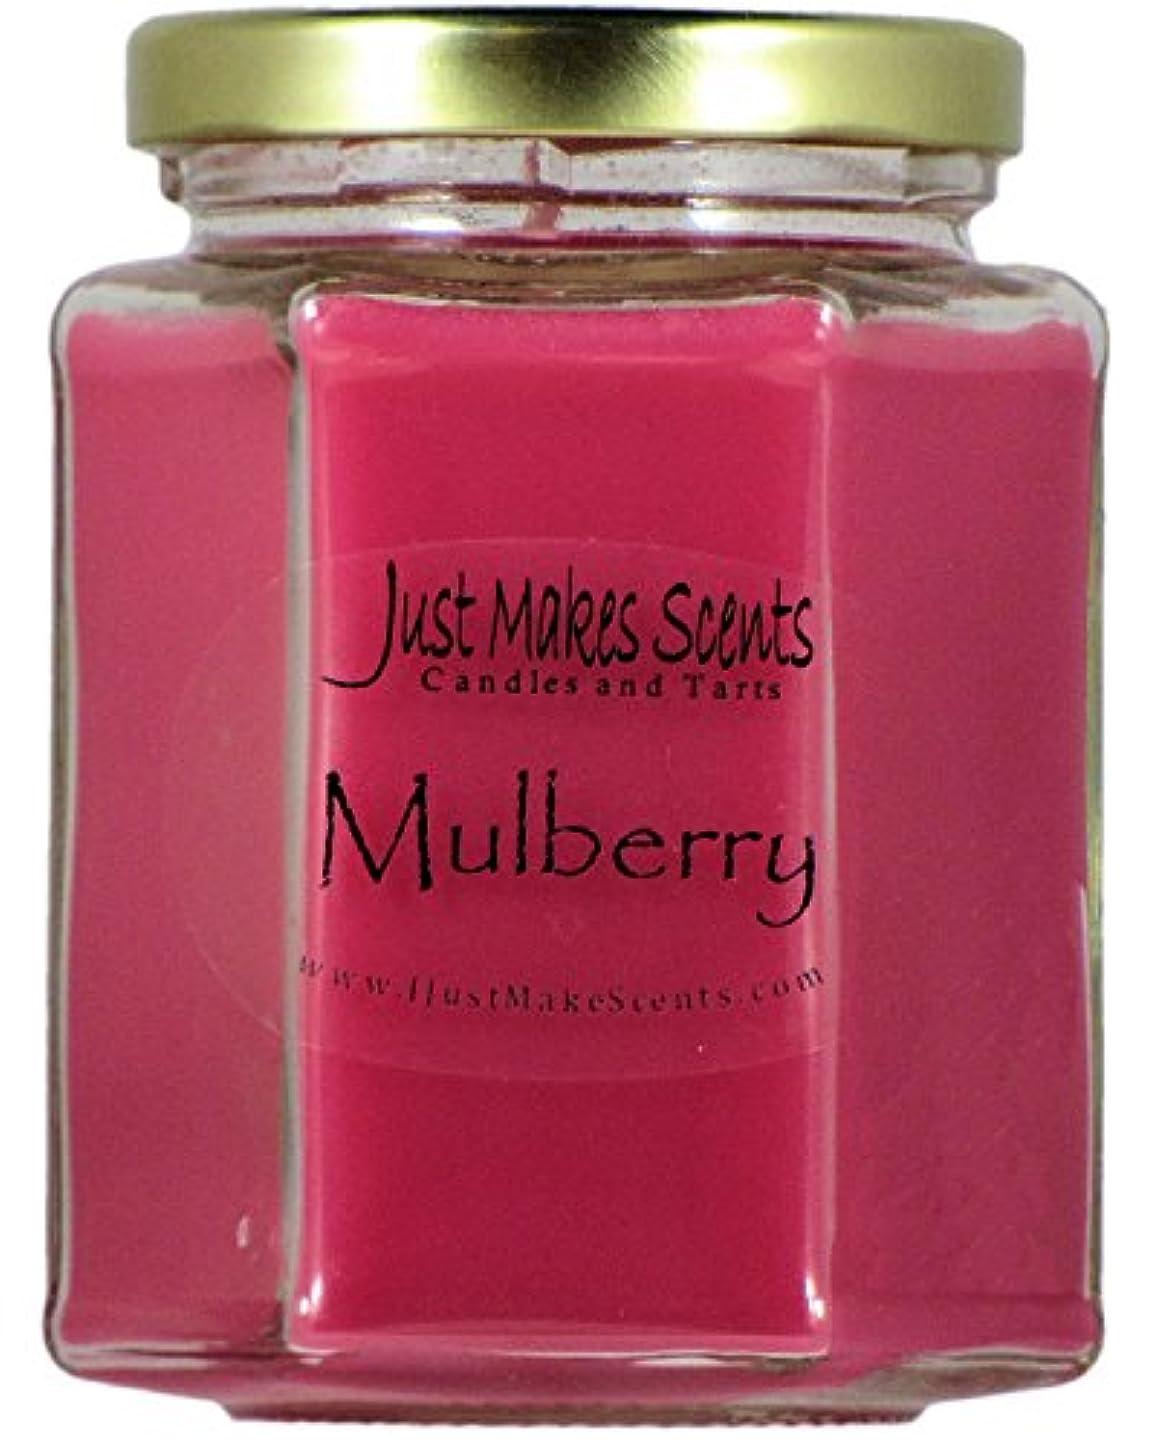 熱心引き潮理由Mulberry香りつきBlended Soy Candle by Just Makes Scents